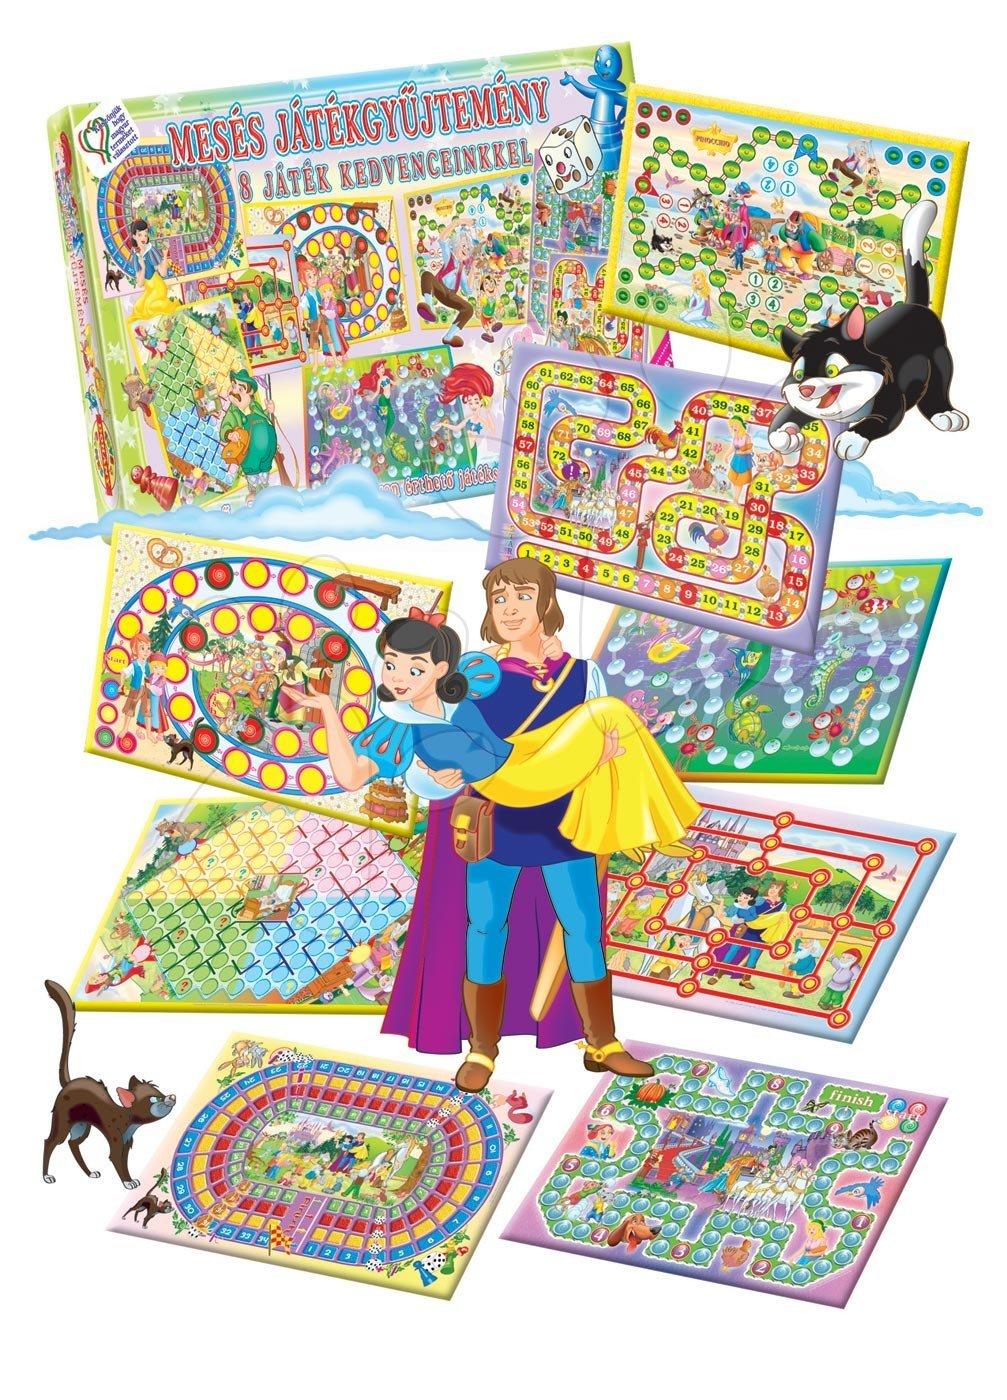 Společenské hry pro děti - Sada pohádkových společenských her Dohány Sněhurka, Červená Karkulka, Pinocchio, Malá mořská víla, Jeníček a Mařenka, Popelka od 5 let